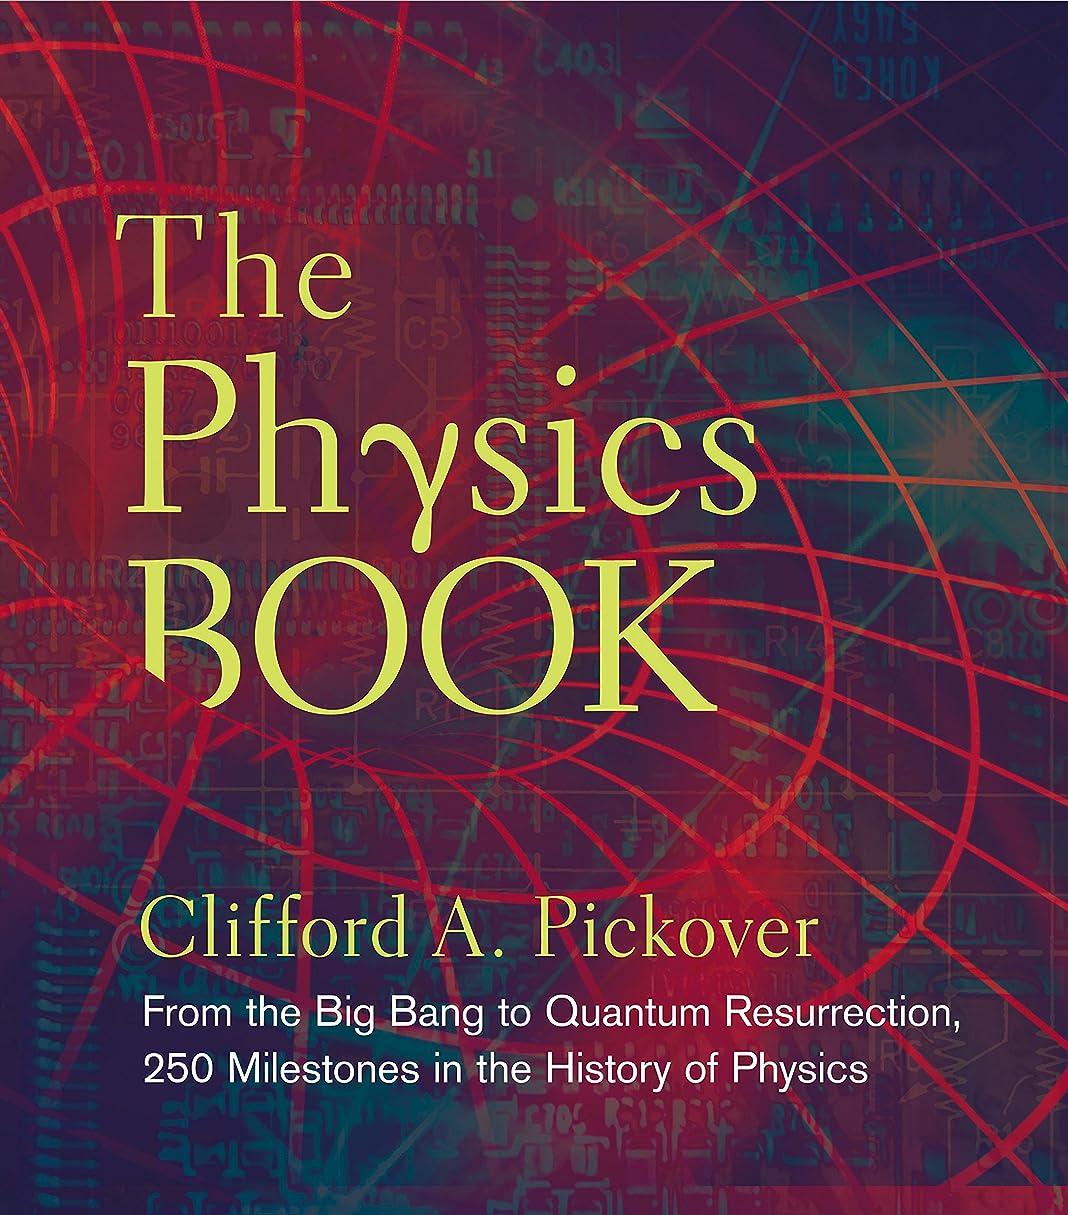 半島細分化するカメThe Physics Book: From the Big Bang to Quantum Resurrection, 250 Milestones in the History of Physics (Sterling Milestones) (English Edition)